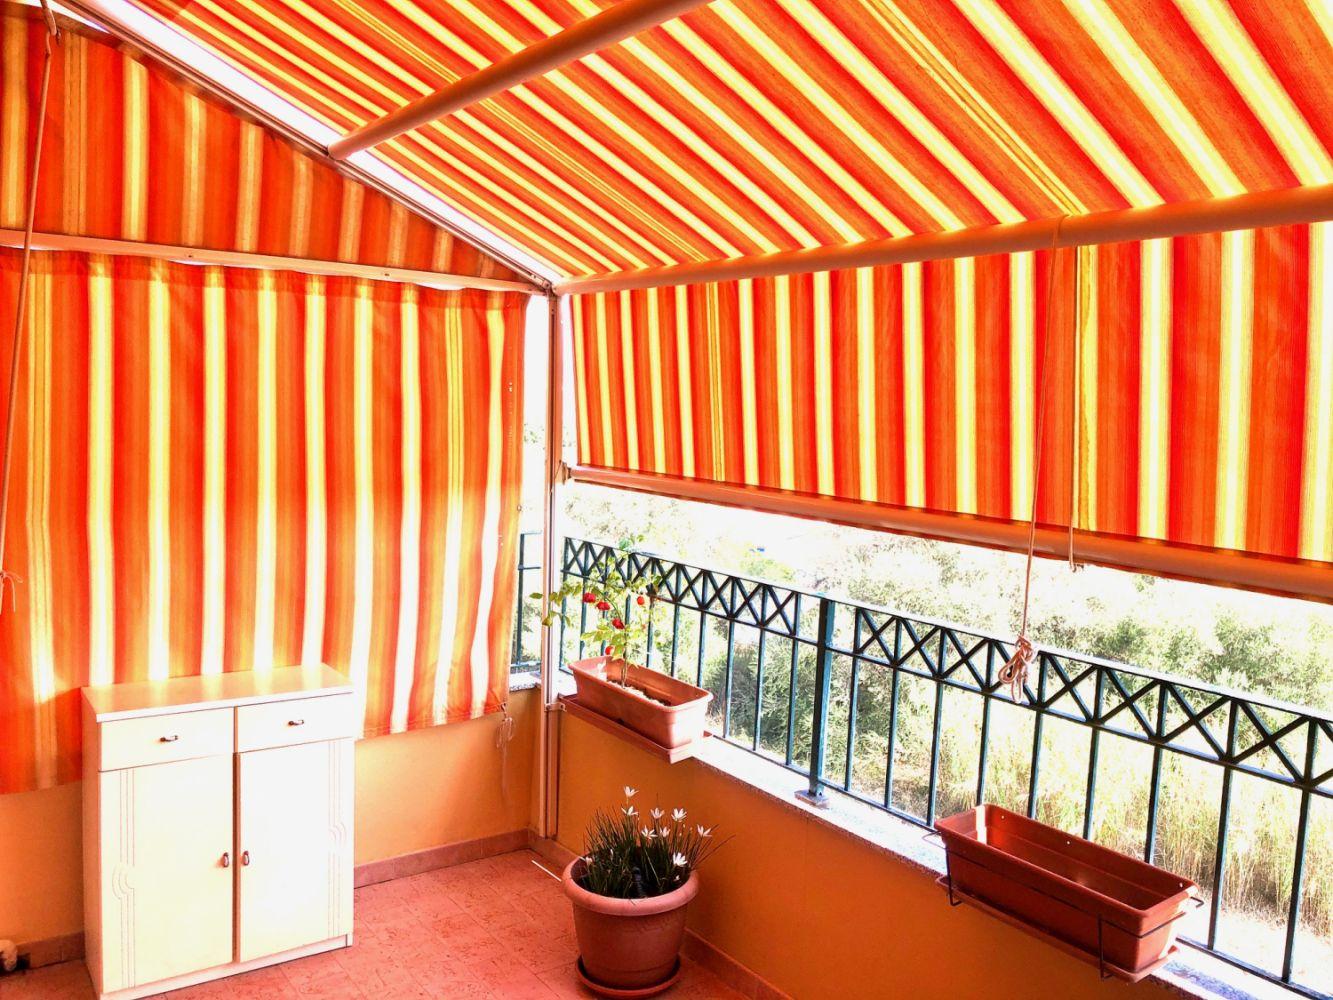 Vendita Appartamento e mansarda – Via Antonio Ballero Decandia – Alghero